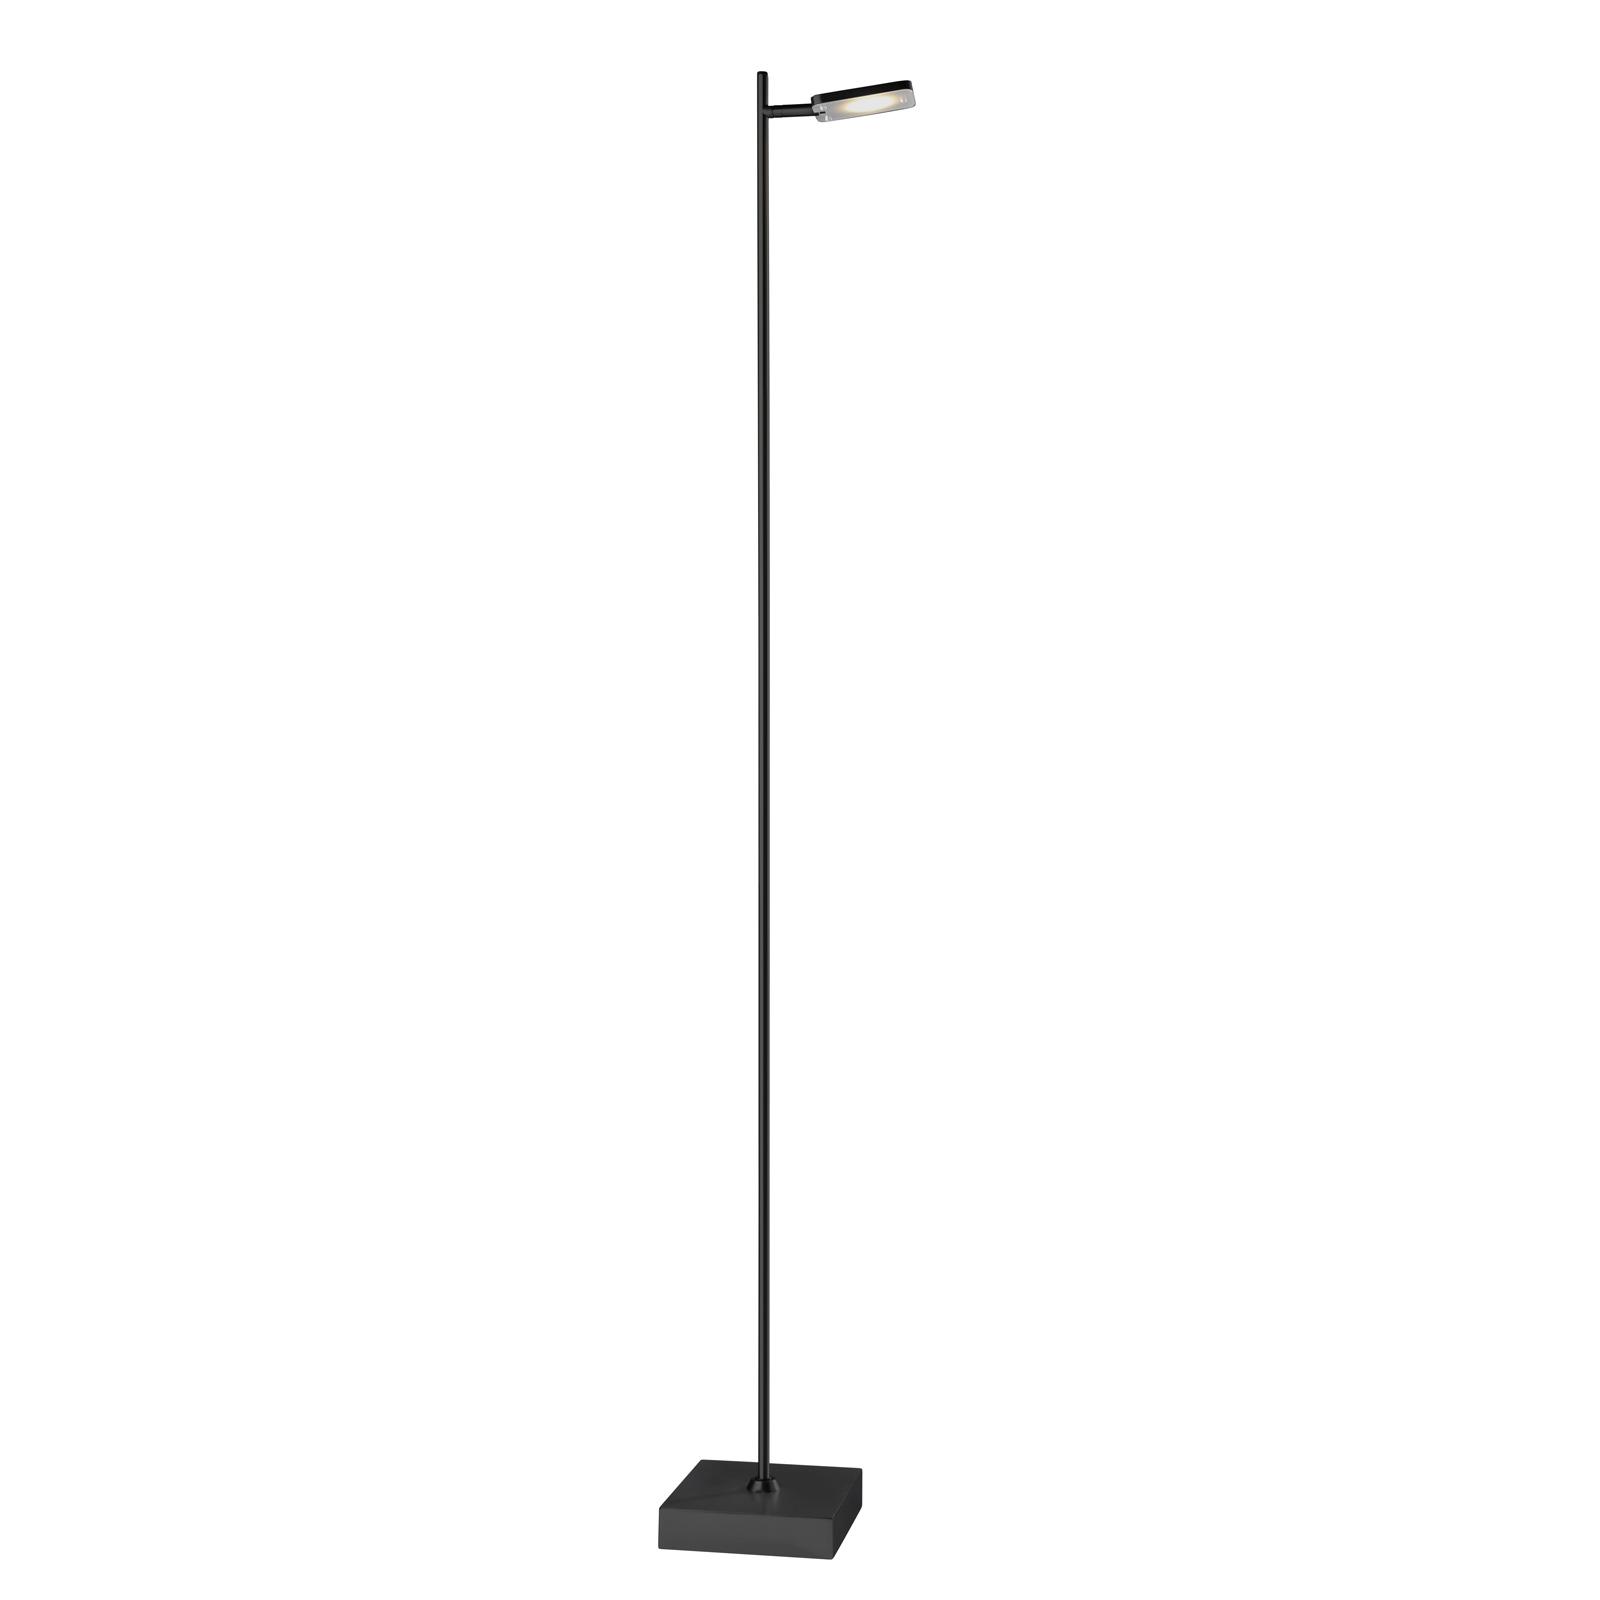 Lampadaire LED Quad, variateur, à 1 lampe, noir